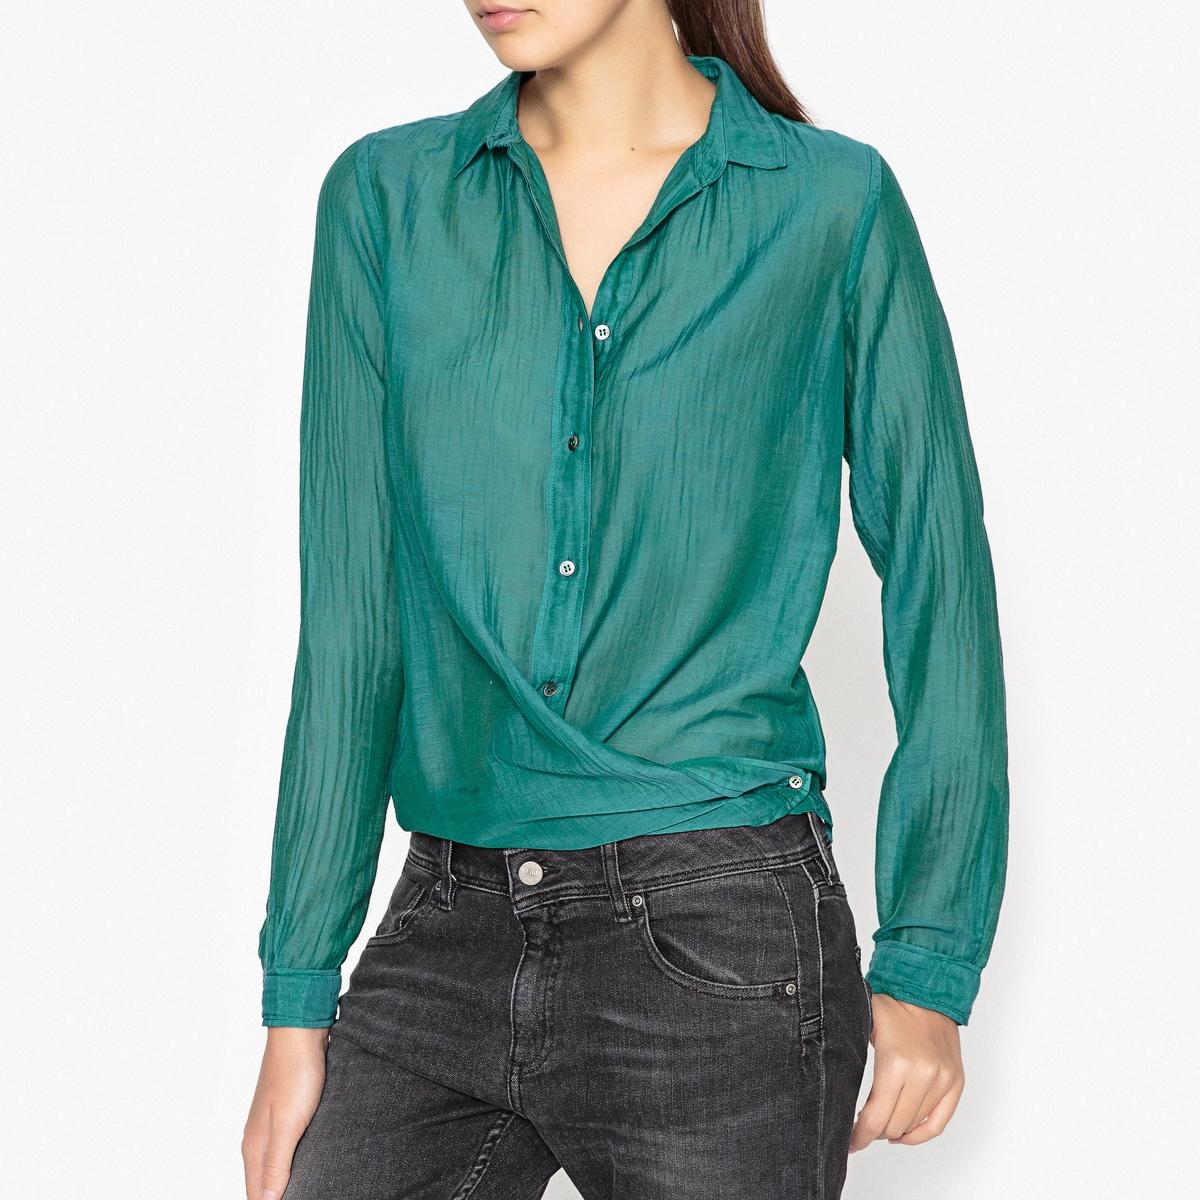 Рубашка из шелка и хлопкаРубашка с длинными рукавами из шелка и хлопка POMANDERE.Детали •  Длинные рукава  •  Приталенный покрой  •   V-образный вырезСостав и уход •  30% шелка, 70% хлопка  •  Следуйте советам по уходу, указанным на этикетке<br><br>Цвет: зеленый<br>Размер: 36 (FR) - 42 (RUS)